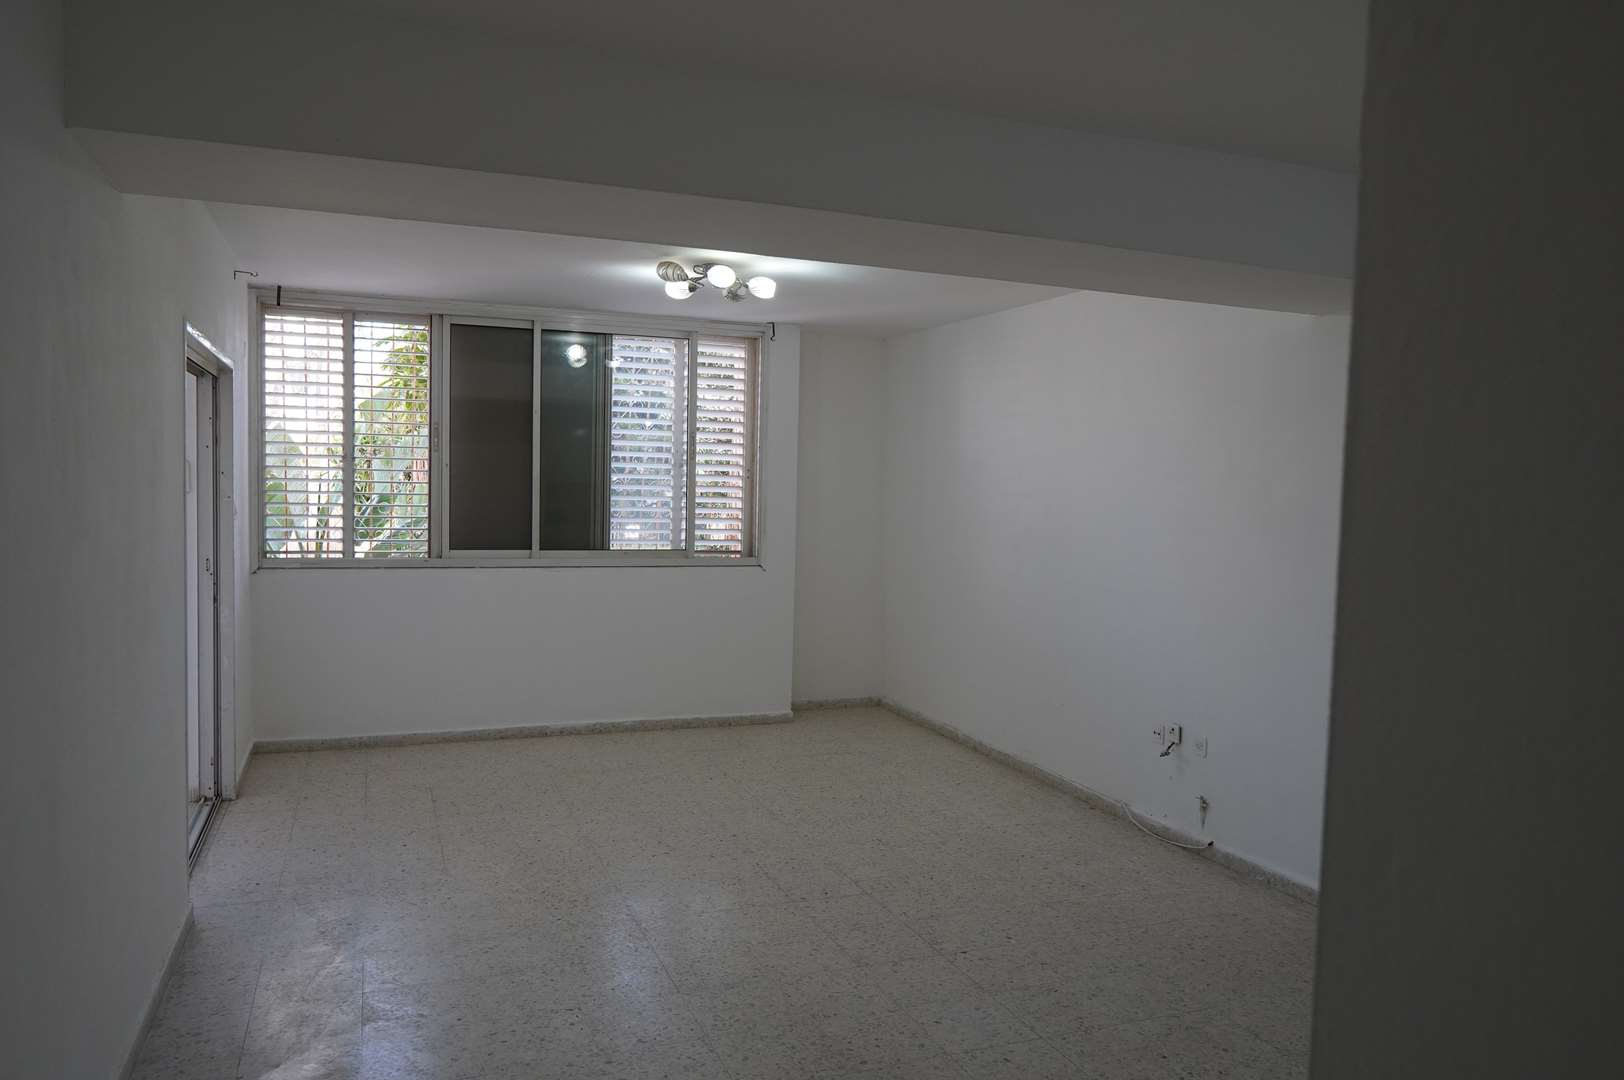 דירה להשכרה 5 חדרים בבאר שבע עין גדי